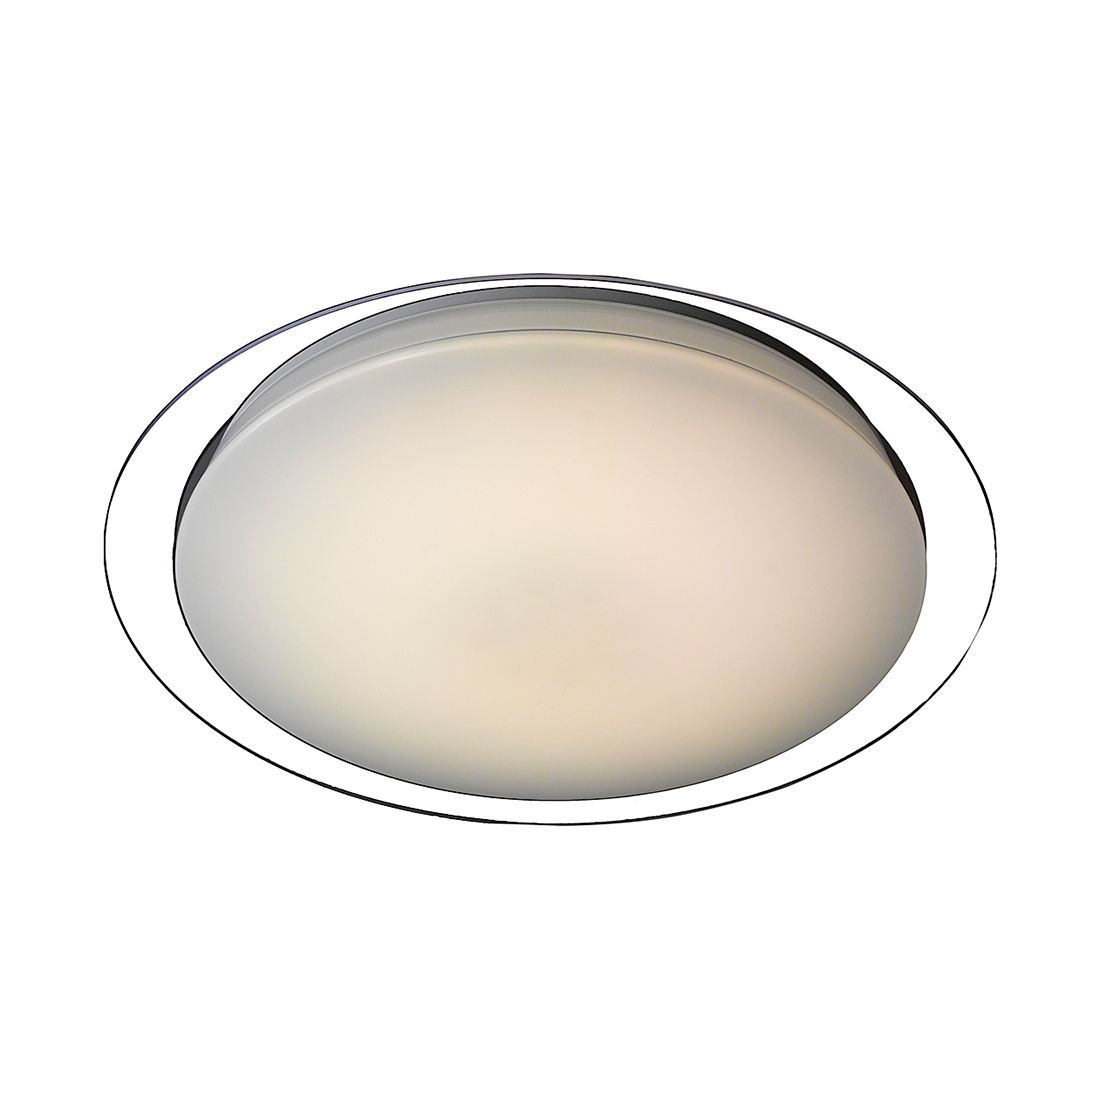 Deckenleuchte JADEN ● Metall/Glas ● 1-flammig- Lux A+